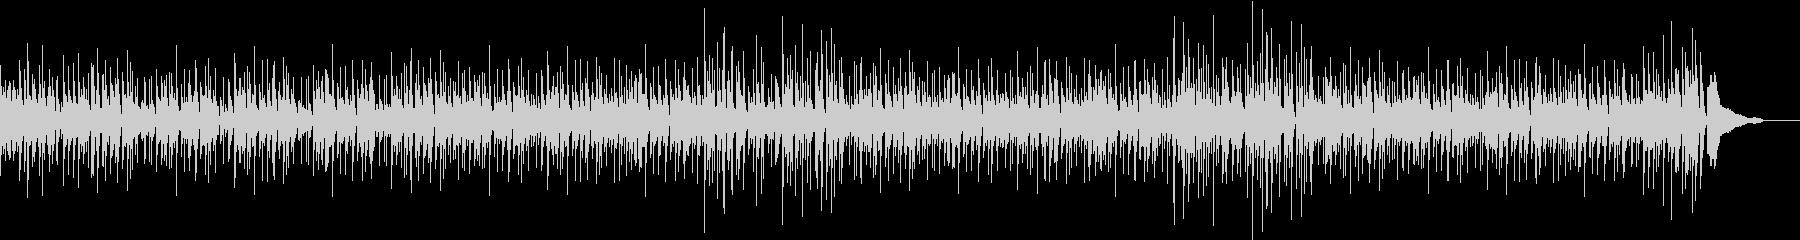 軽やかで可愛らしいスイングピアノの未再生の波形